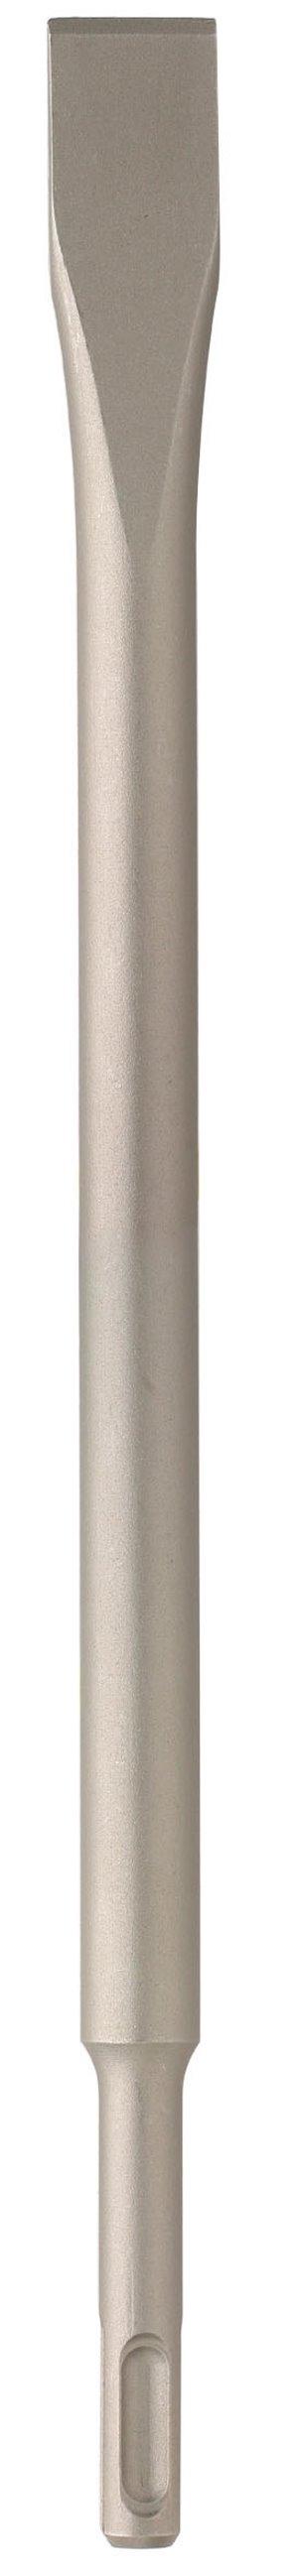 BURIN PLAT COMPATIBLE SDS+ 250MM L20 318L20L0250